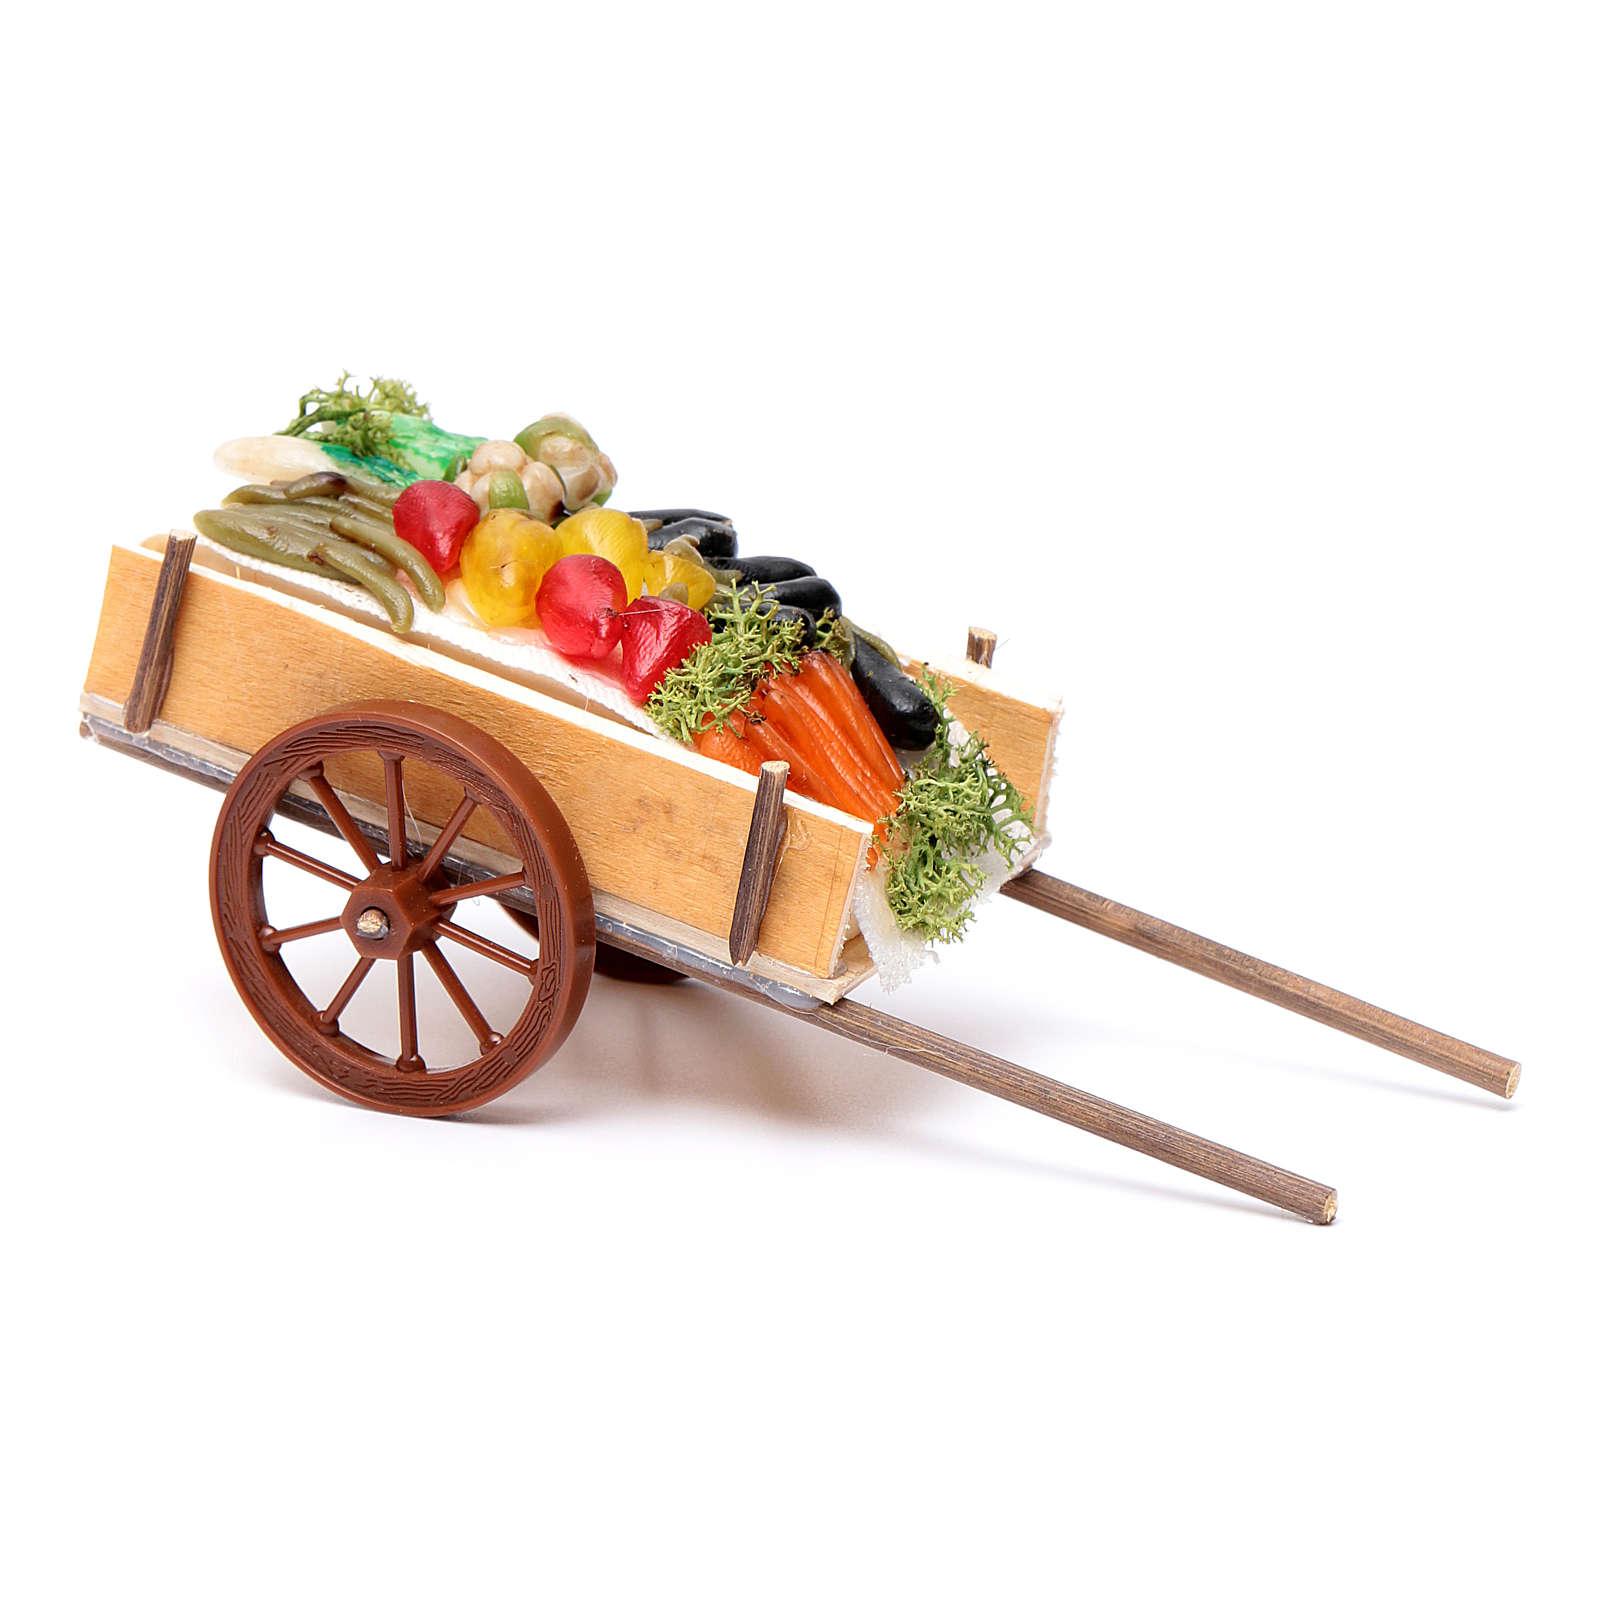 Carretto napoletano ortaggi frutta cera dim. 6x15x6 cm 4